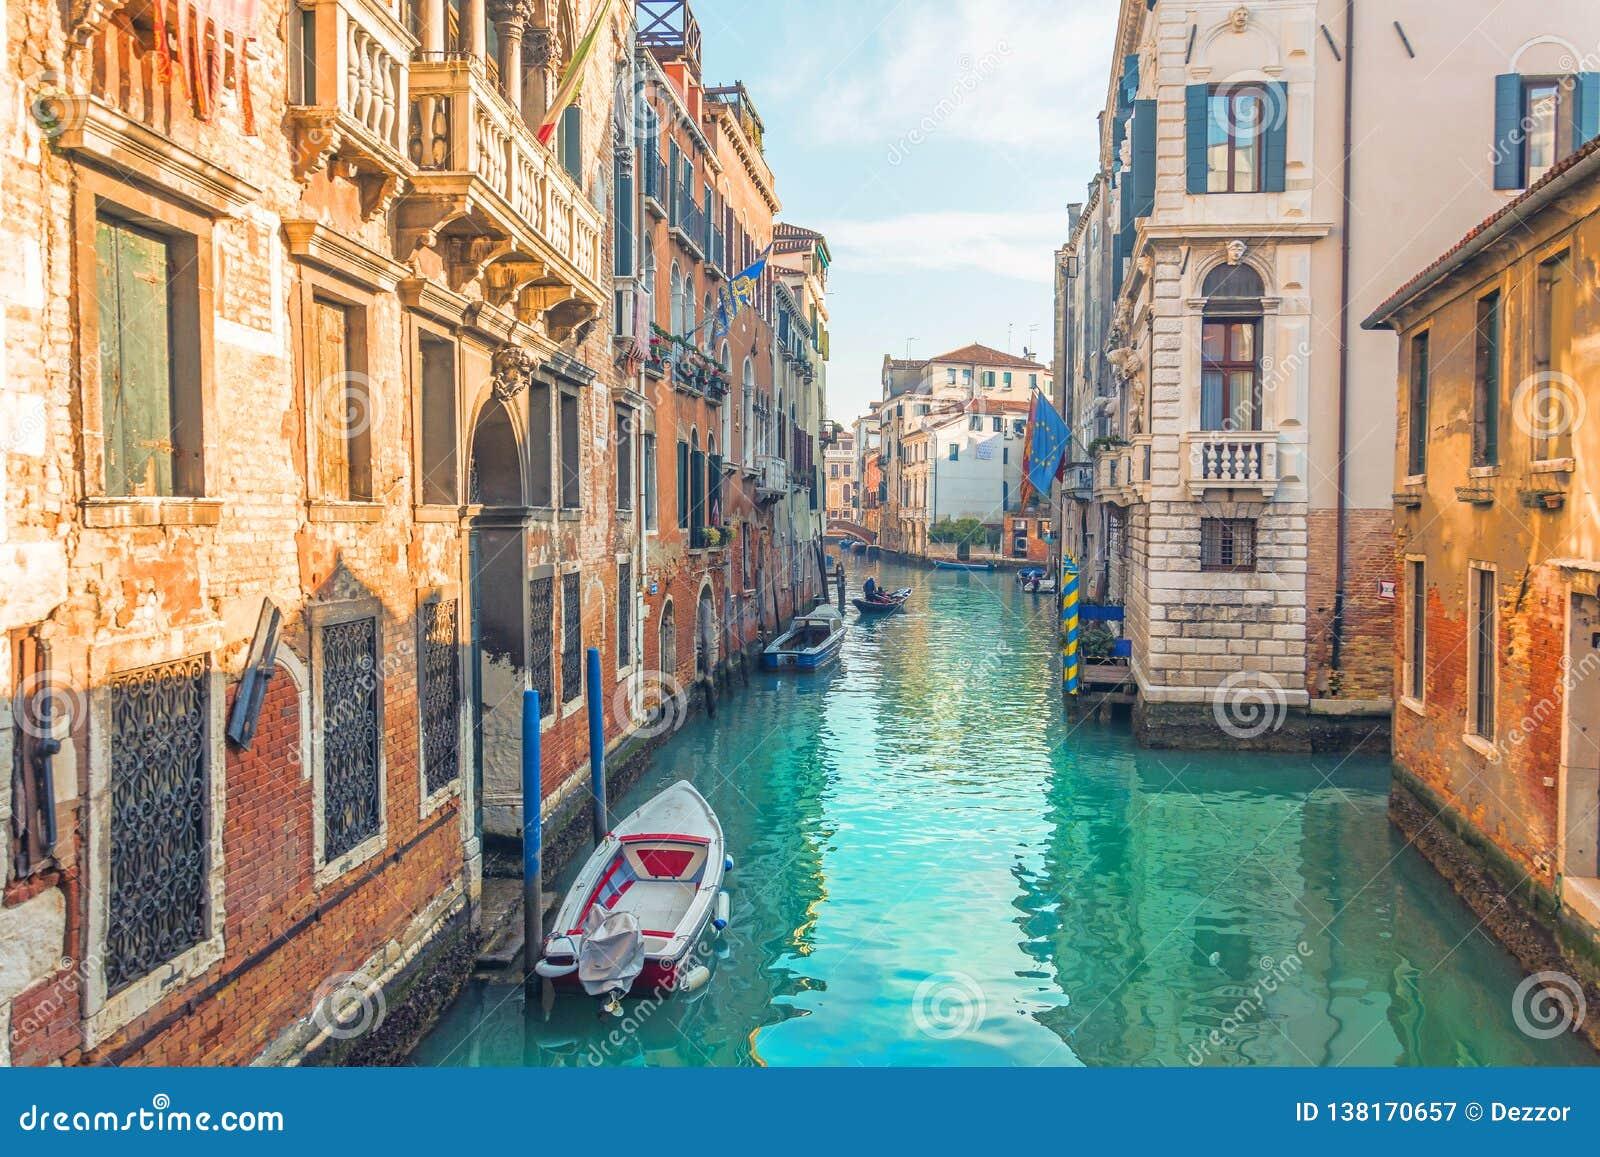 Kanal in Venedig, Ansicht der Architektur und der Gebäude Typische städtische Ansicht